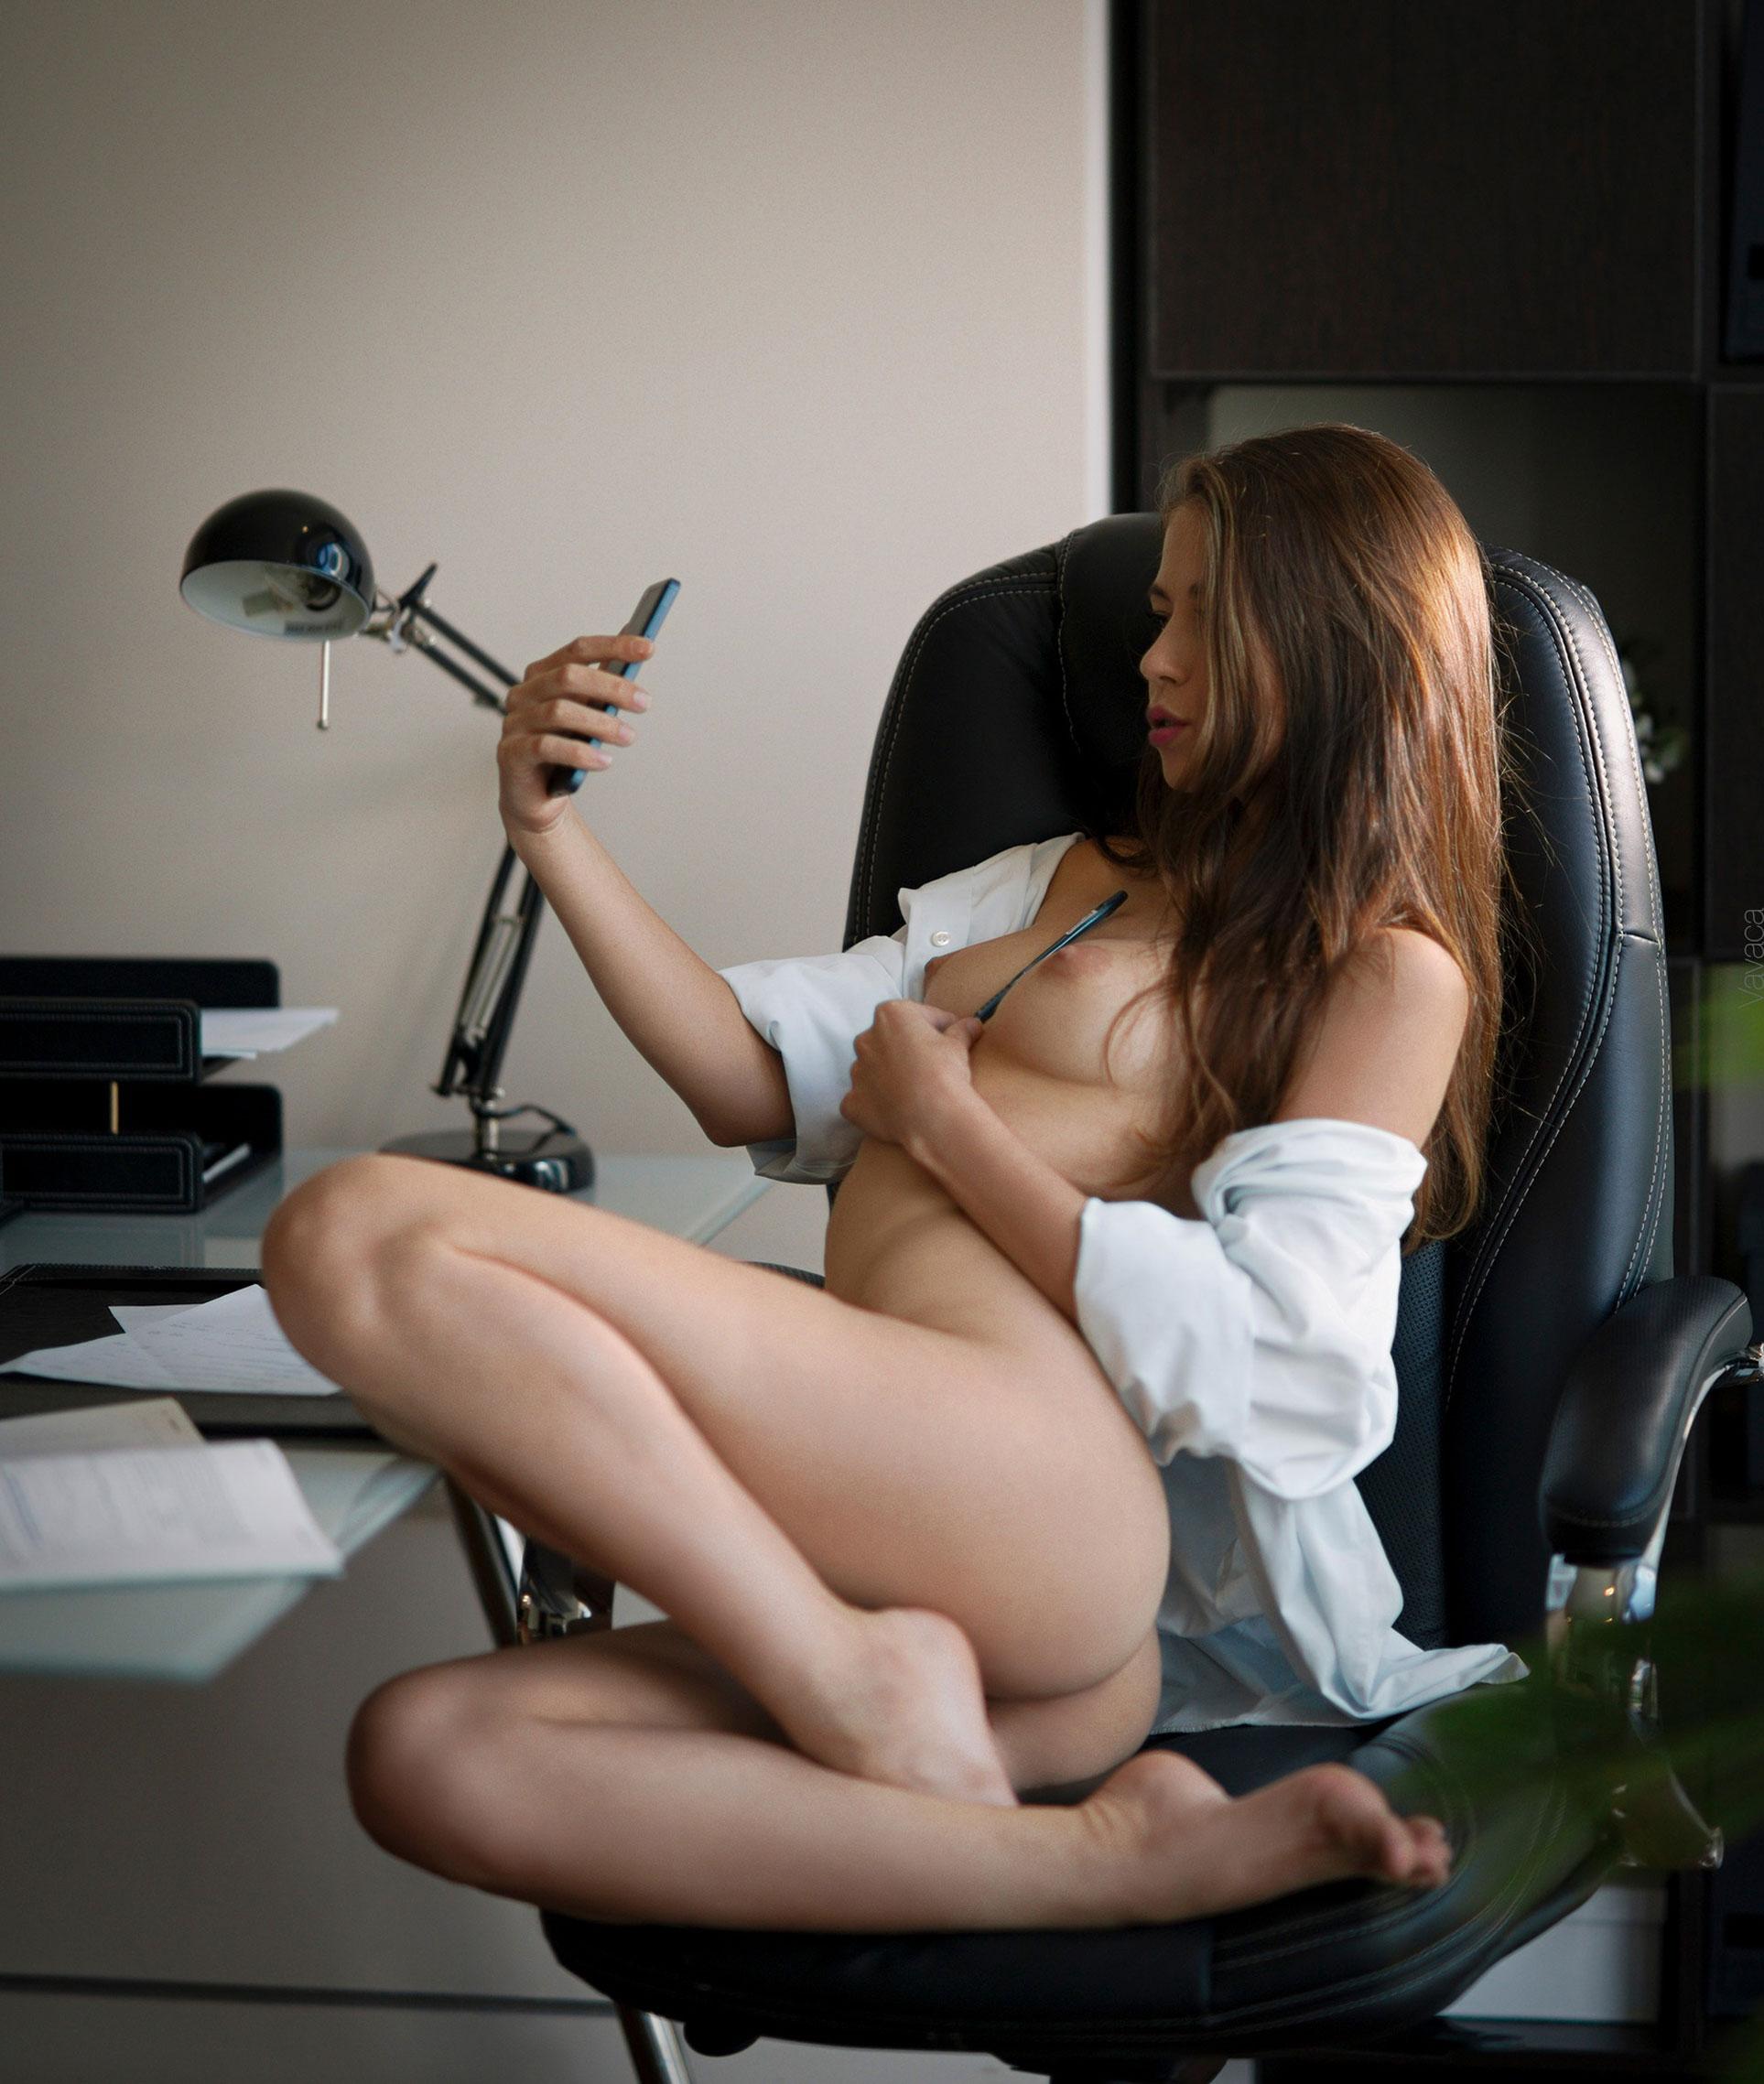 сексуальная Виктория Алико в роли секретарши мечты / фото 06